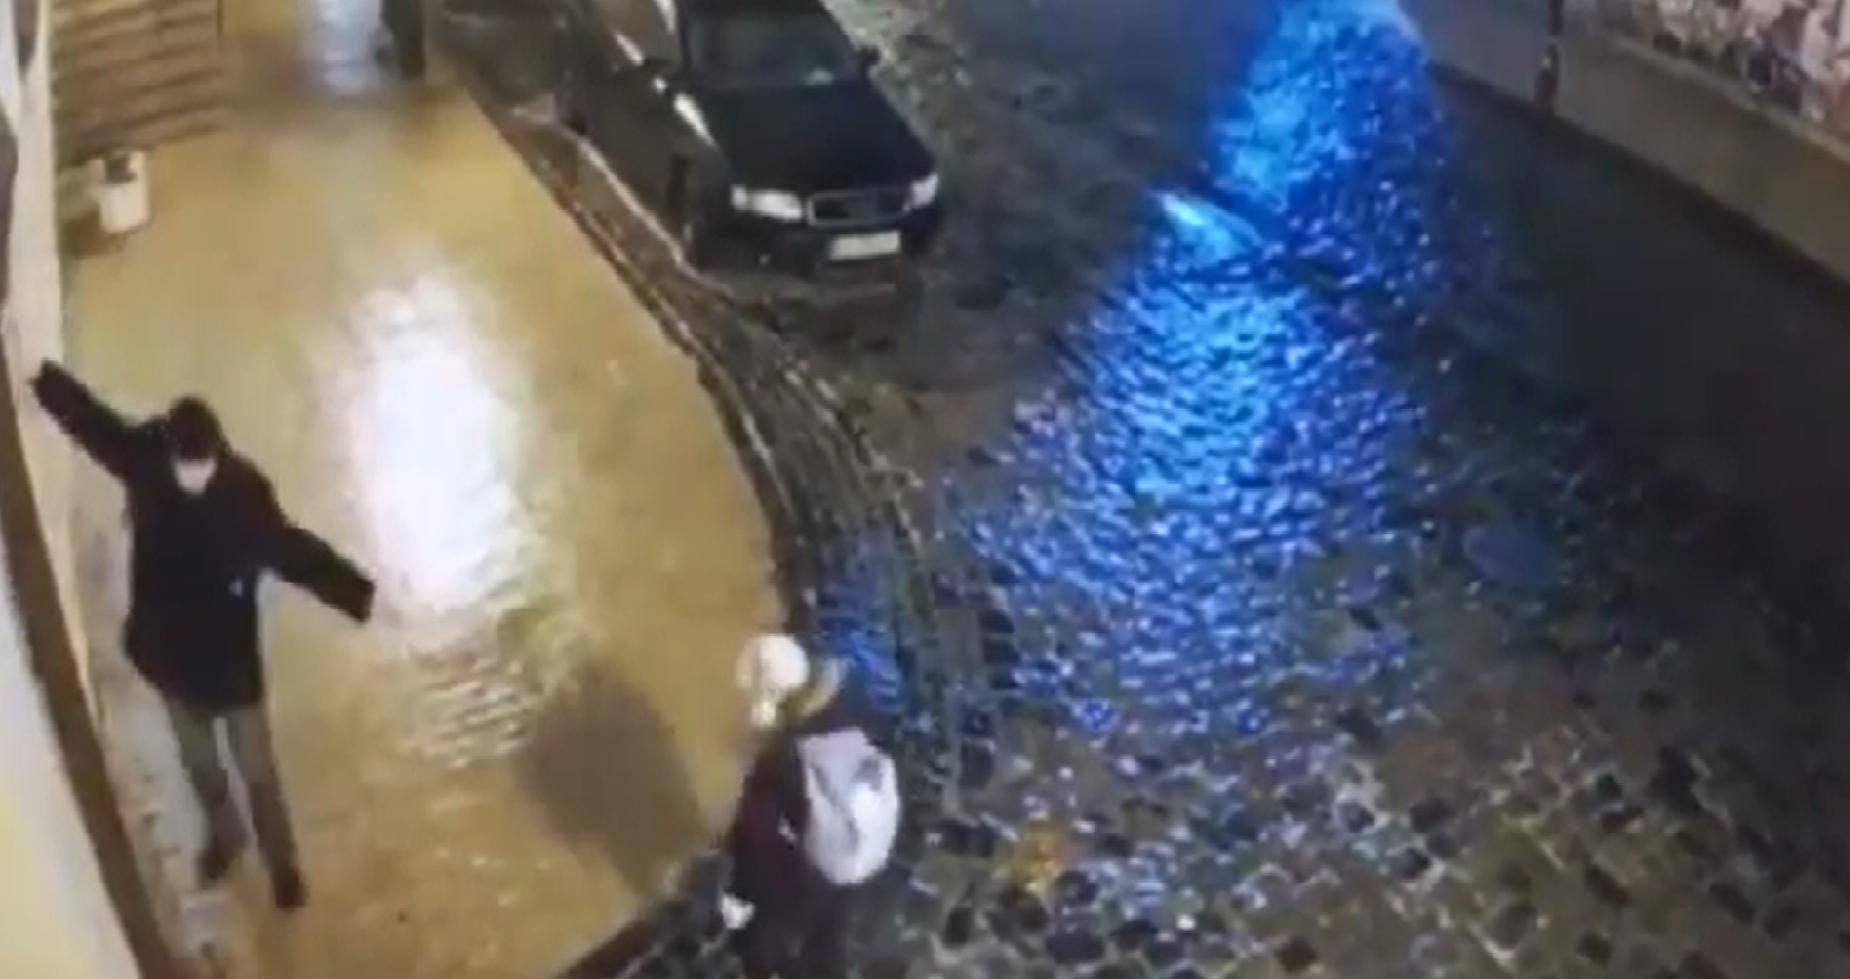 Az életünk egy percben: így próbált feljutni az ónos eső miatt jéggel borított meredek kijevi utcán a Fehér Hátizsákos Ember